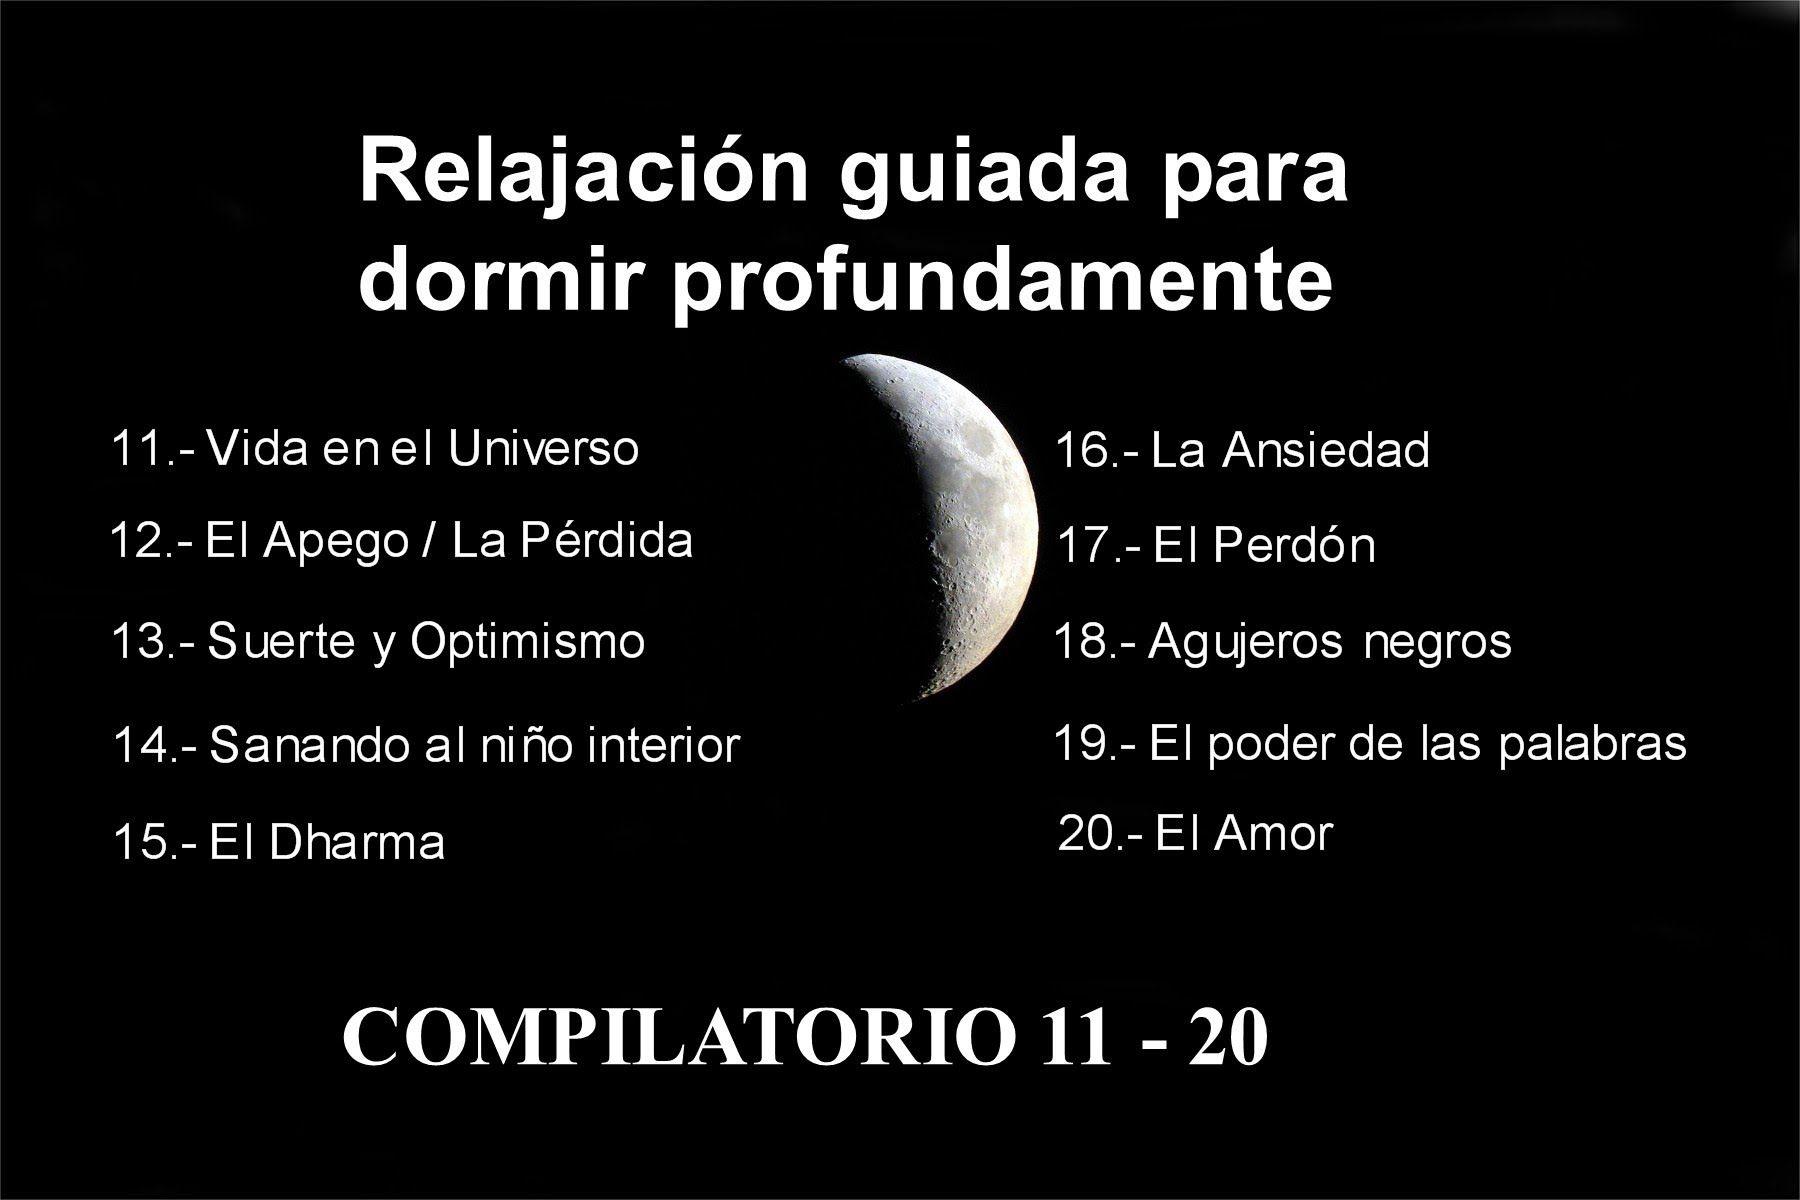 Relajación Para Dormir Profundamente Compilatorio Ii 11 20 Relajacion Guiada Meditacion Guiada Para Dormir Dormir Profundamente